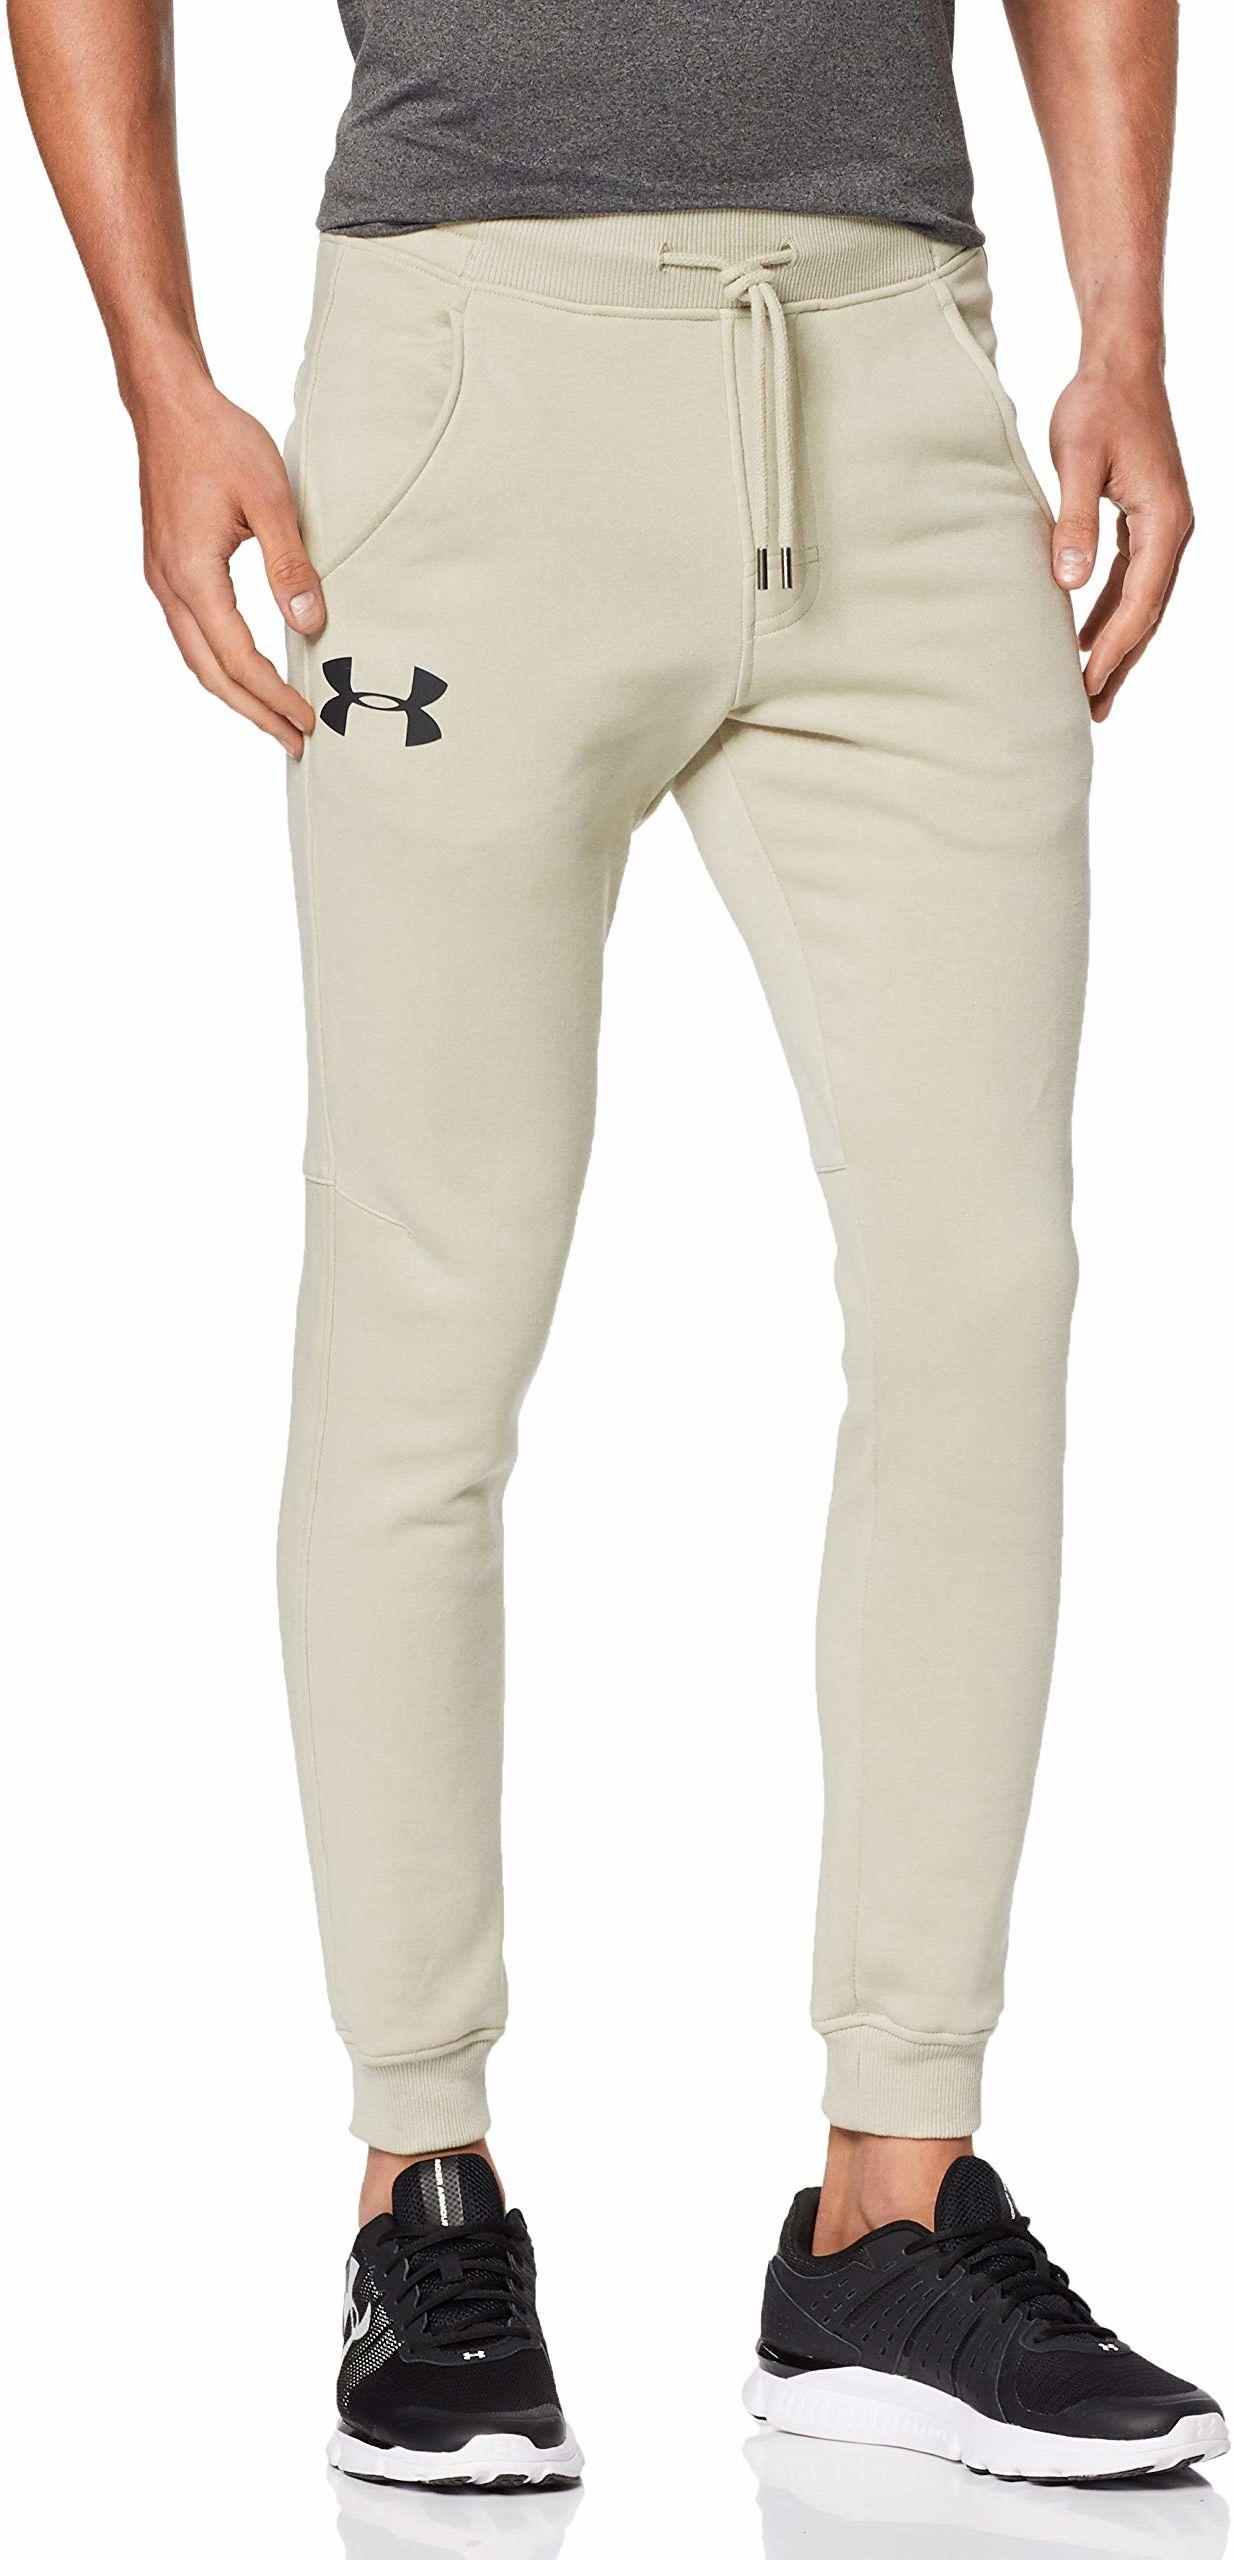 Under Armour Męskie spodnie do joggingu Rival dopasowane stożkowe męskie wąskie joggery wykonane z trwałego materiału, obcisłe spodnie treningowe łatwe do przenoszenia Khaki Base / / Black (289) XL